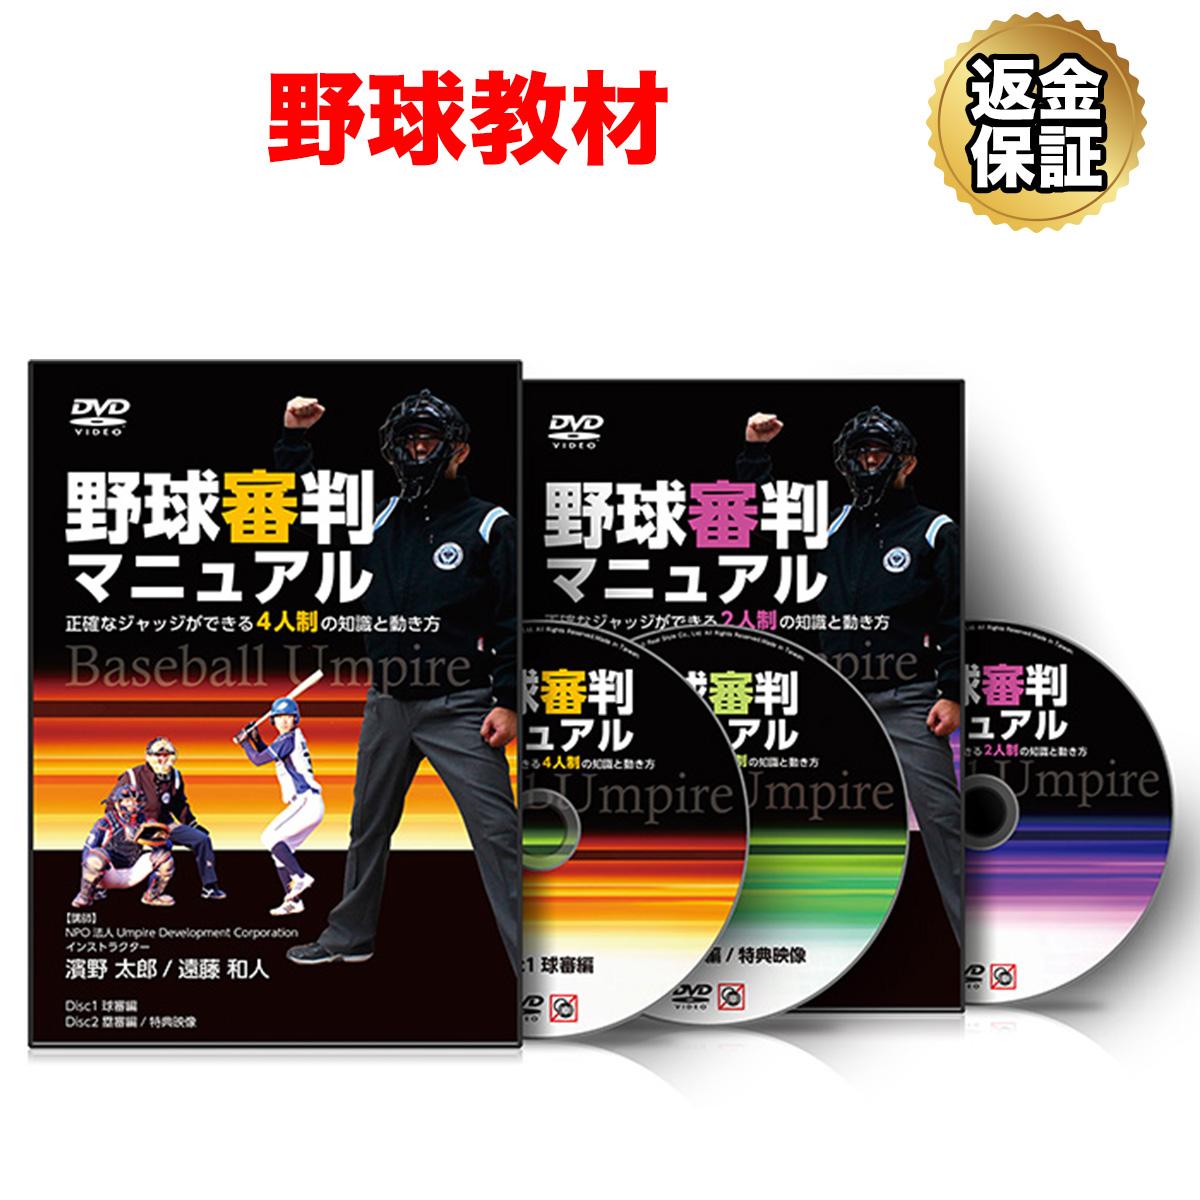 【野球】野球審判マニュアル「四人制審判&二人制審判」フルセット